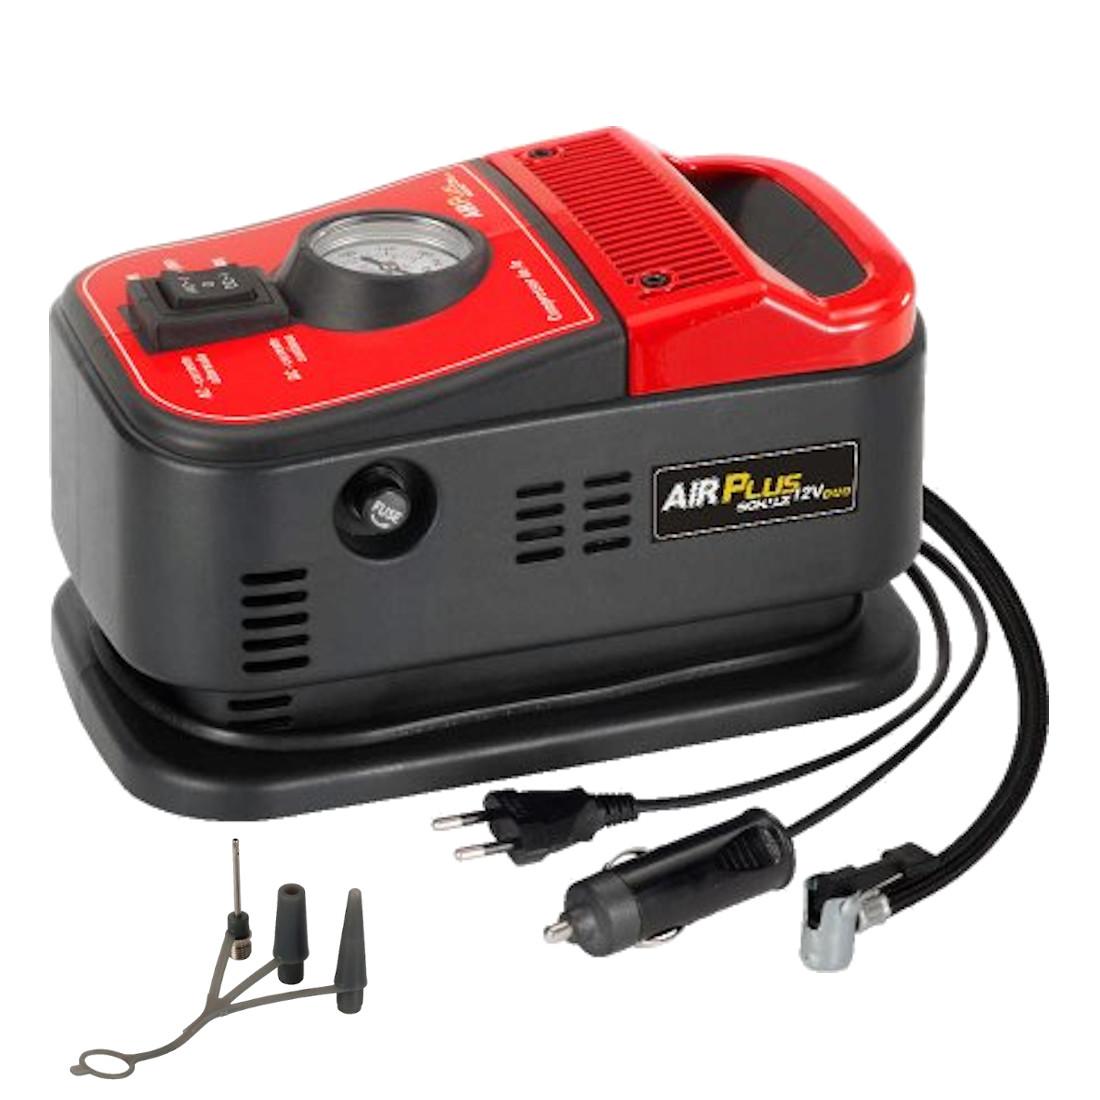 Compressor De Ar Air Plus 12 V Duo Schulz